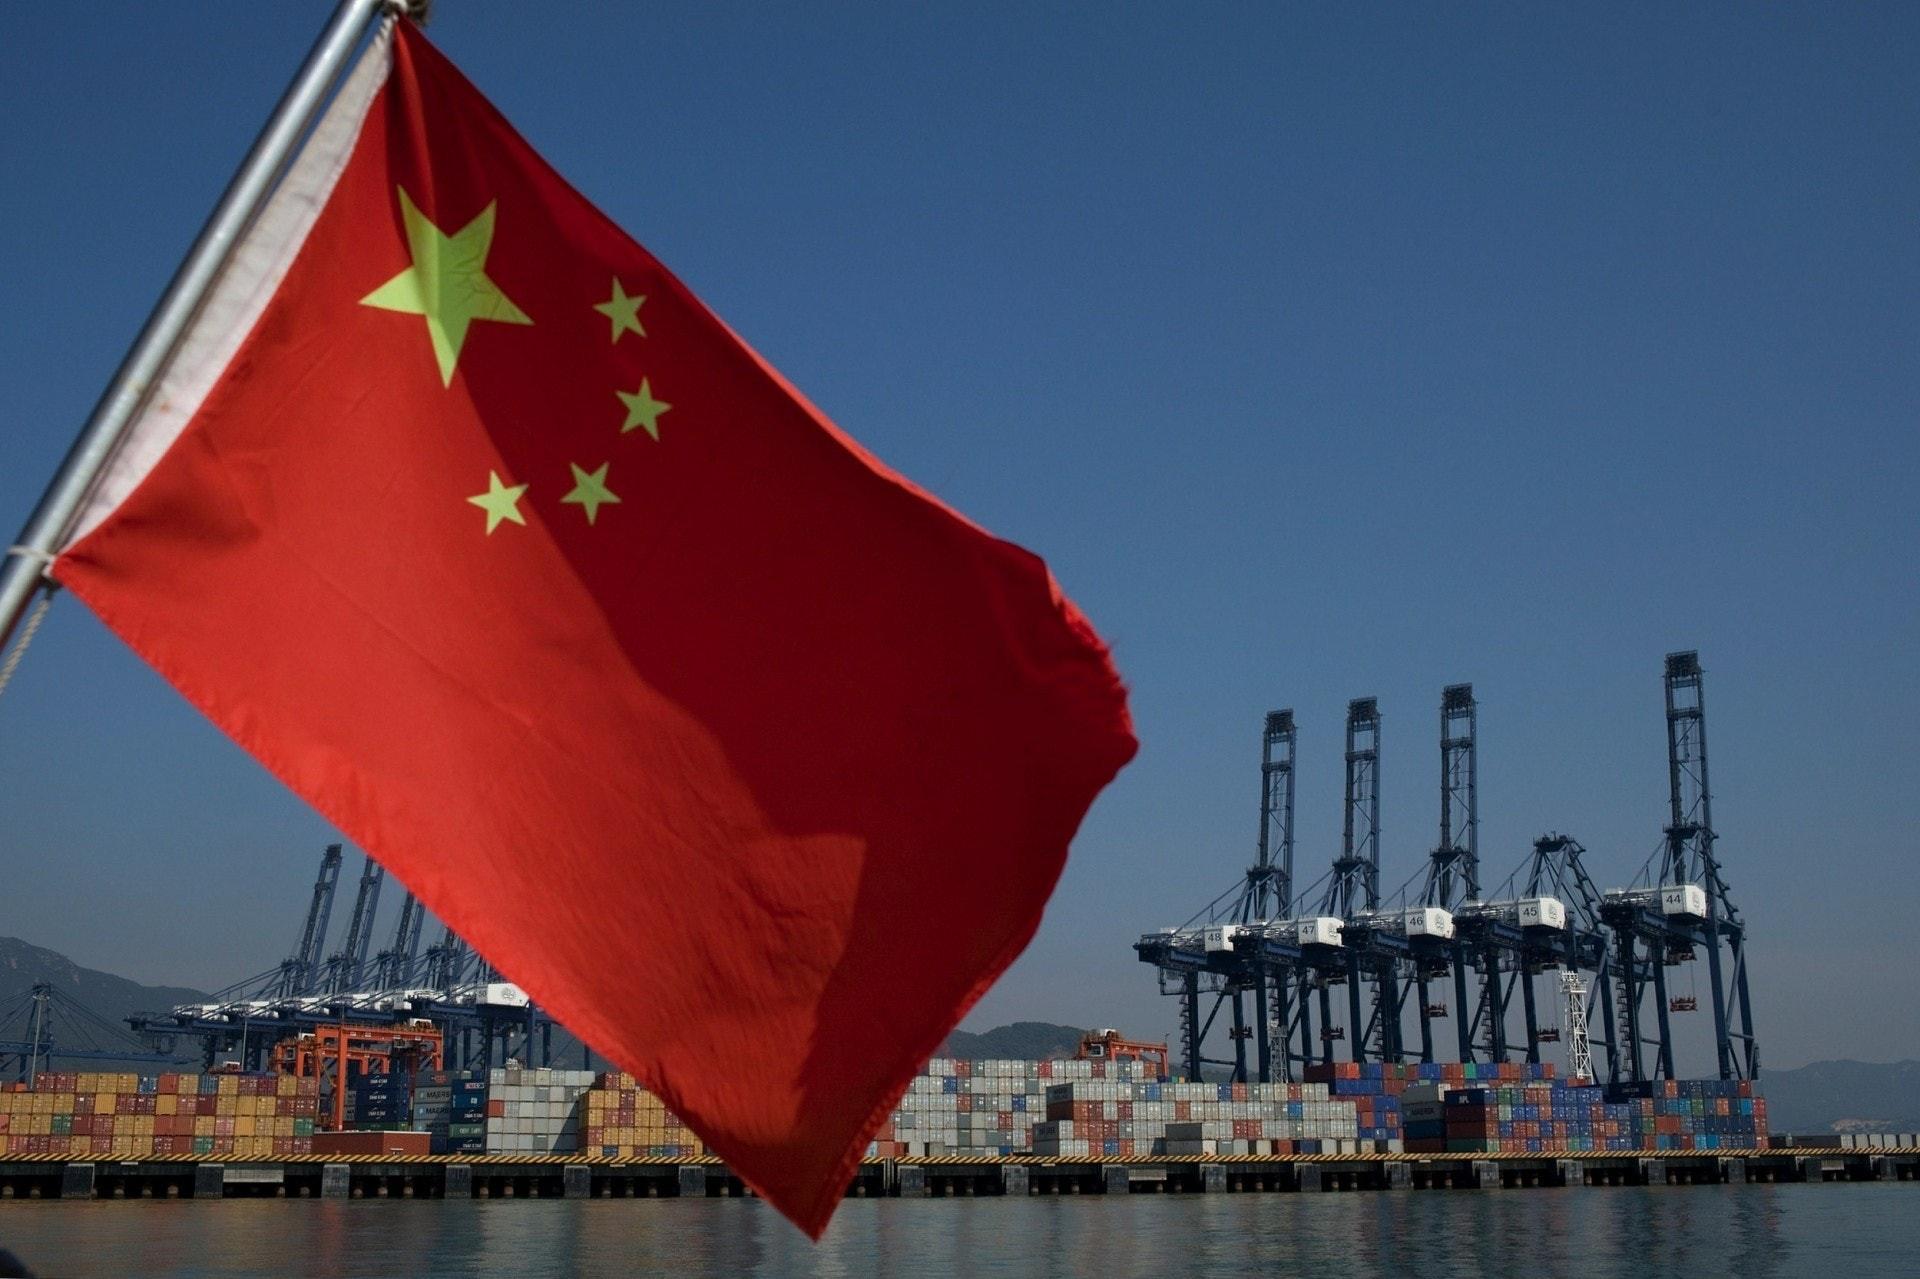 واردات الصين من النفط الخام تبلغ مستوى قياسيا في أكتوبر